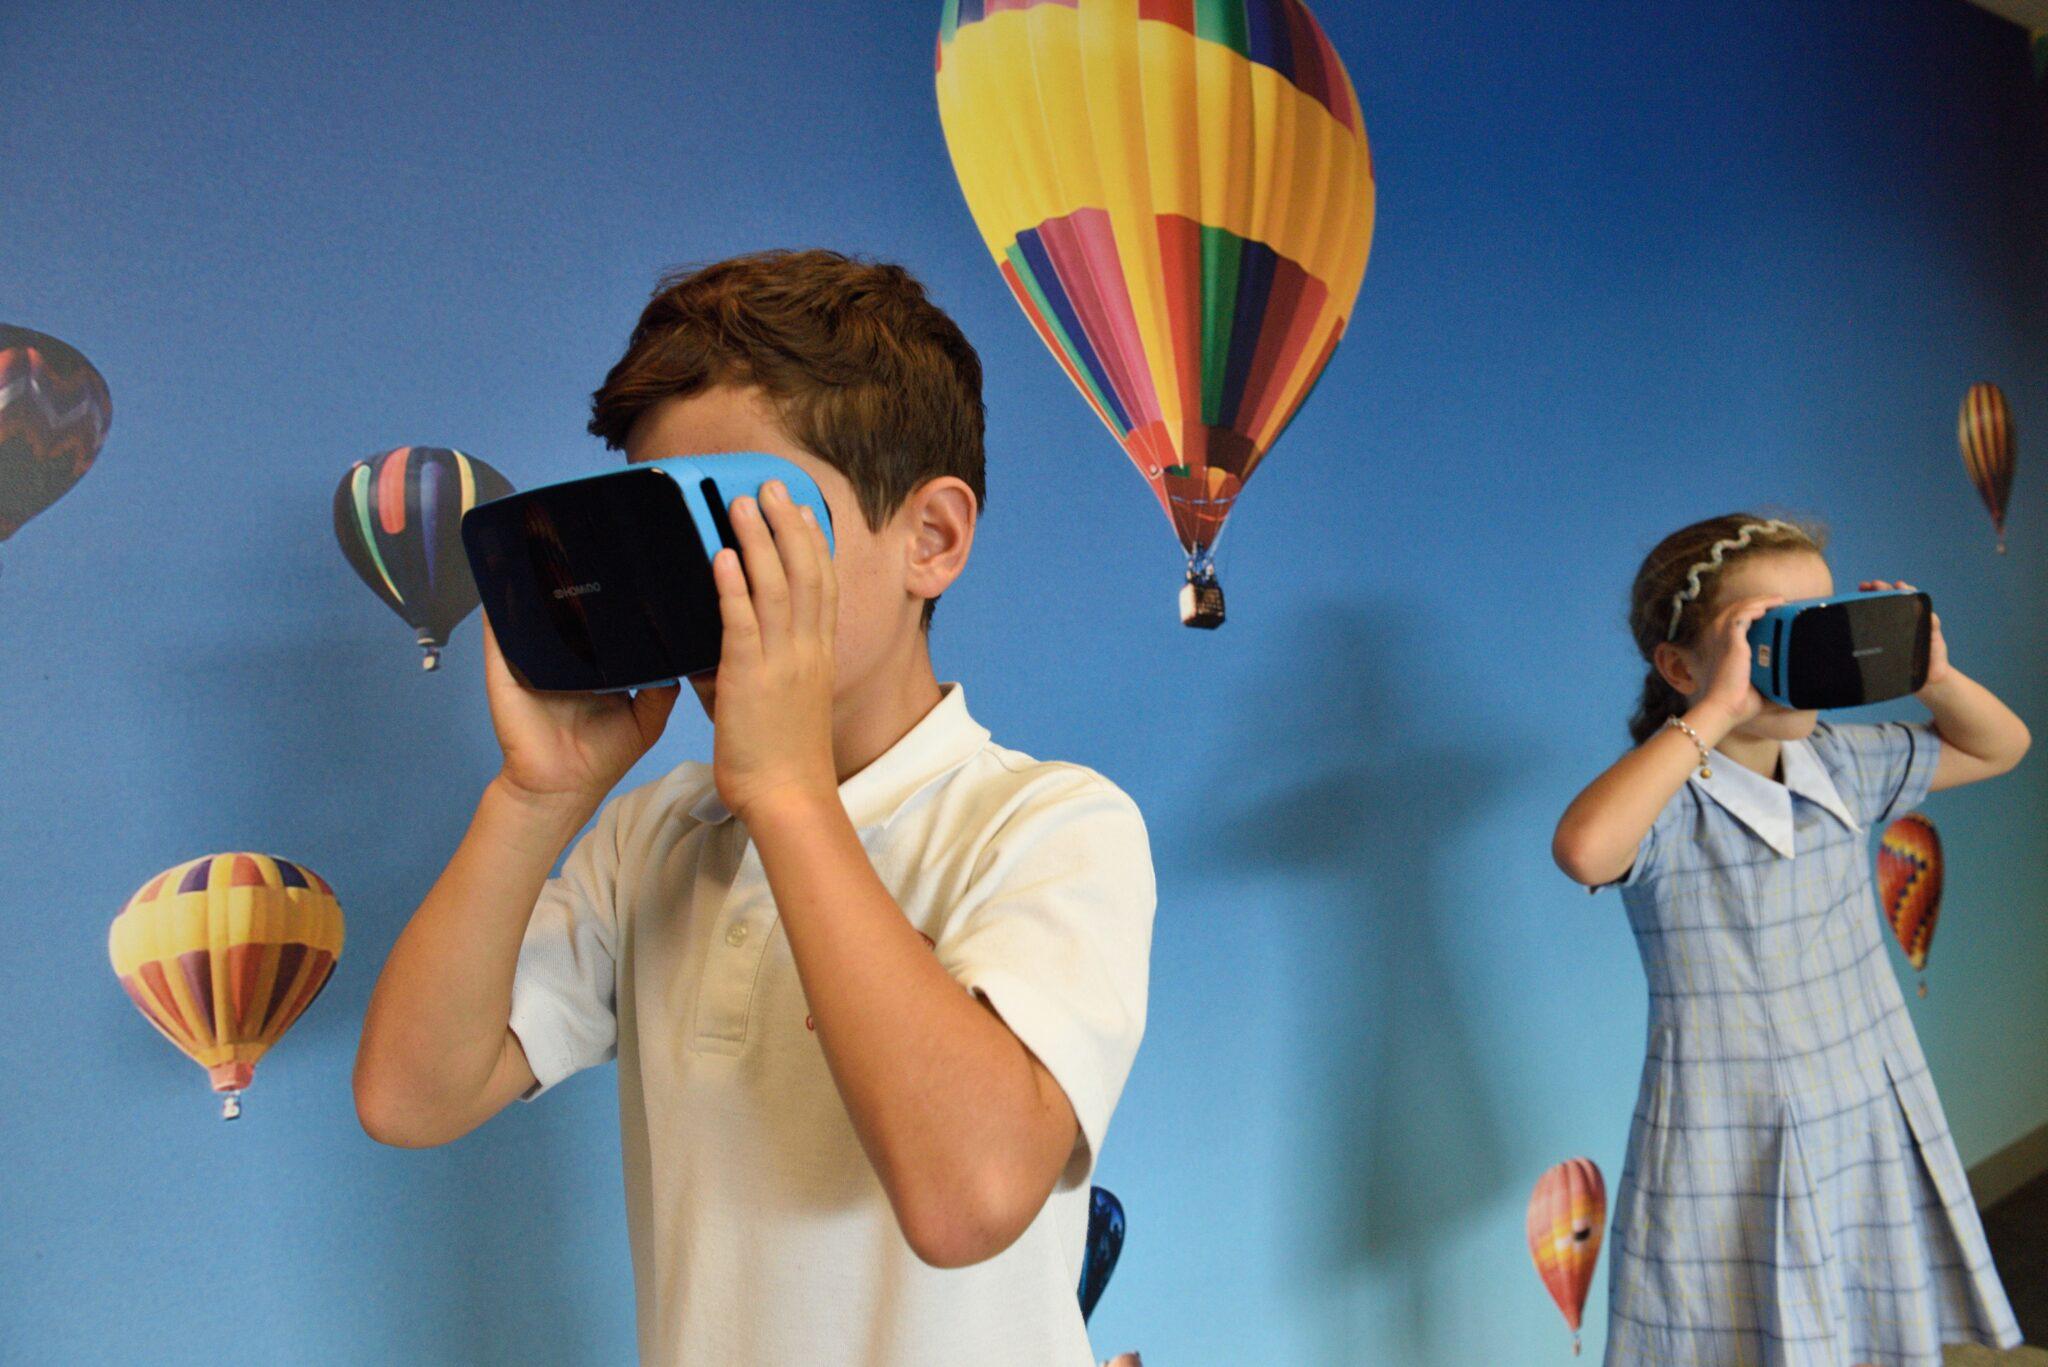 Kinder mit VR-Brillen